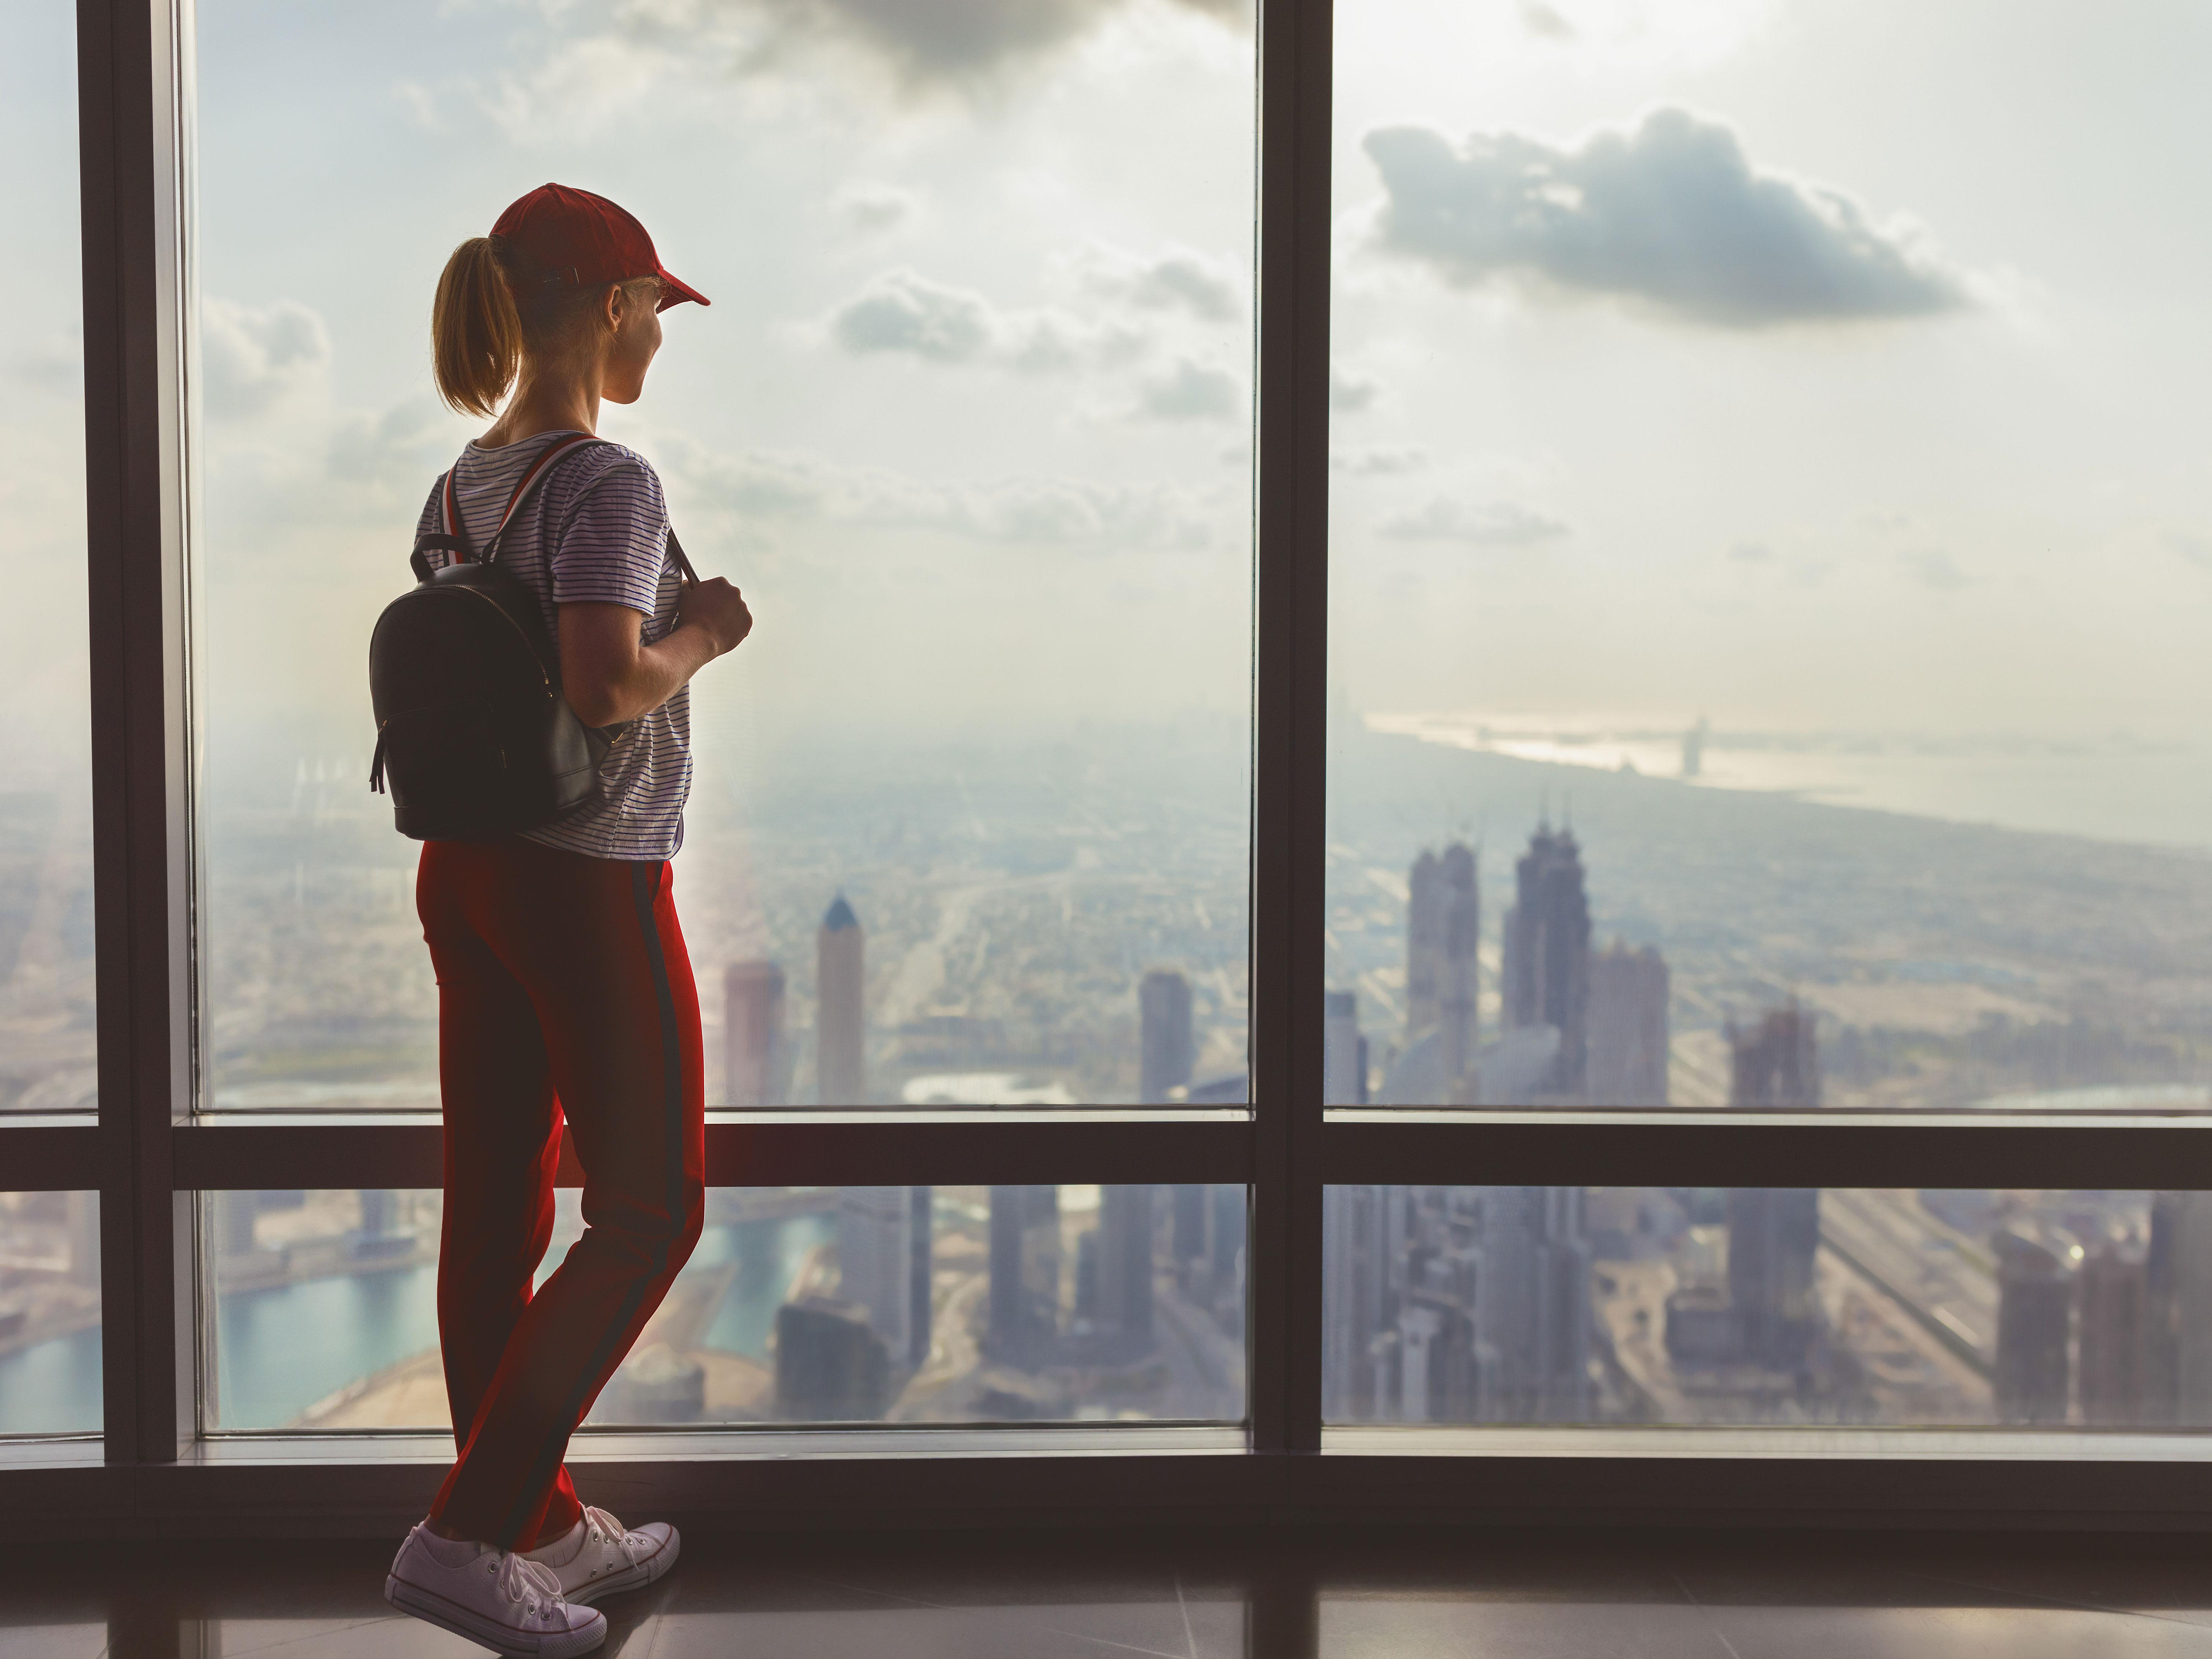 ドバイが観光大国と呼ばれる理由。海外からの旅行者数は過去最高に!